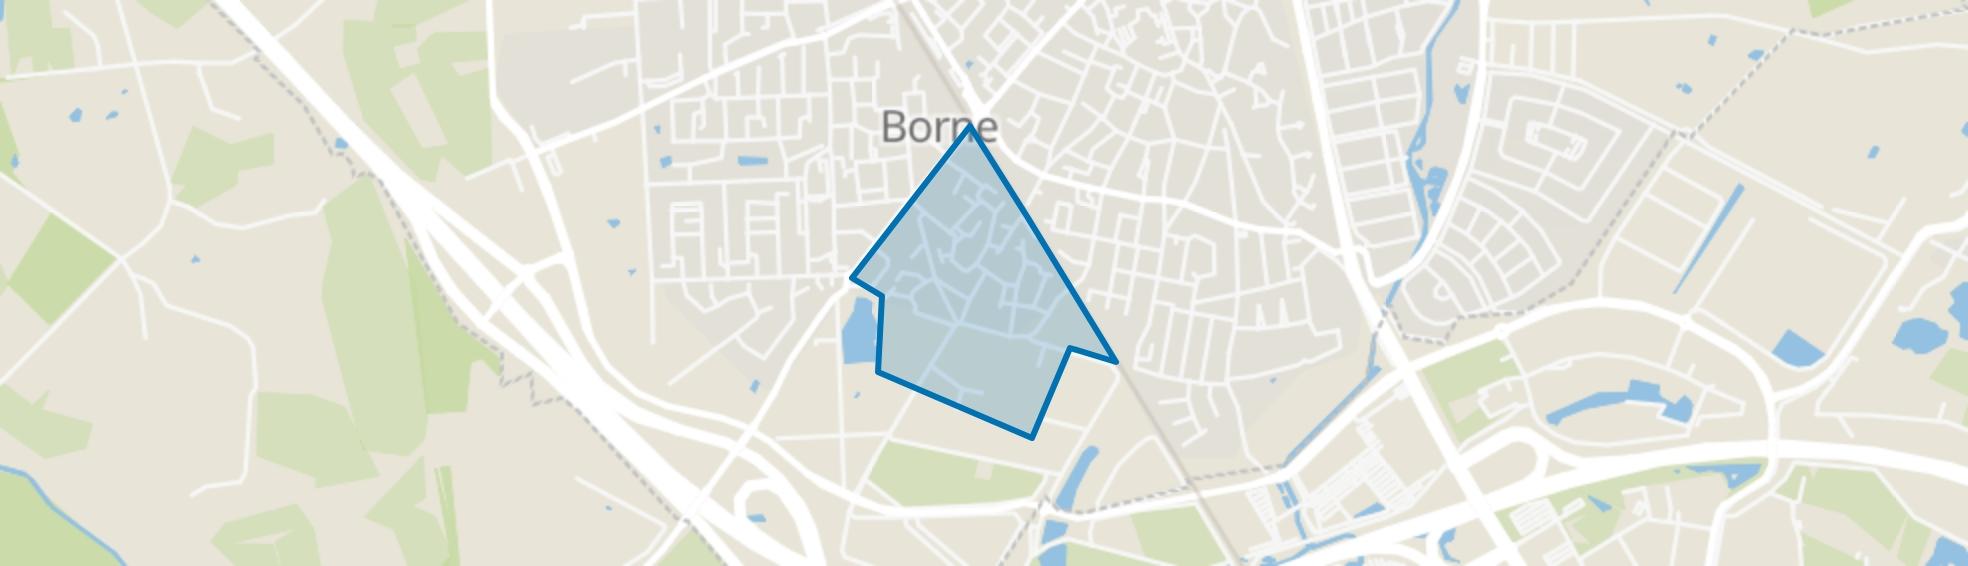 Tichelkamp, Borne map